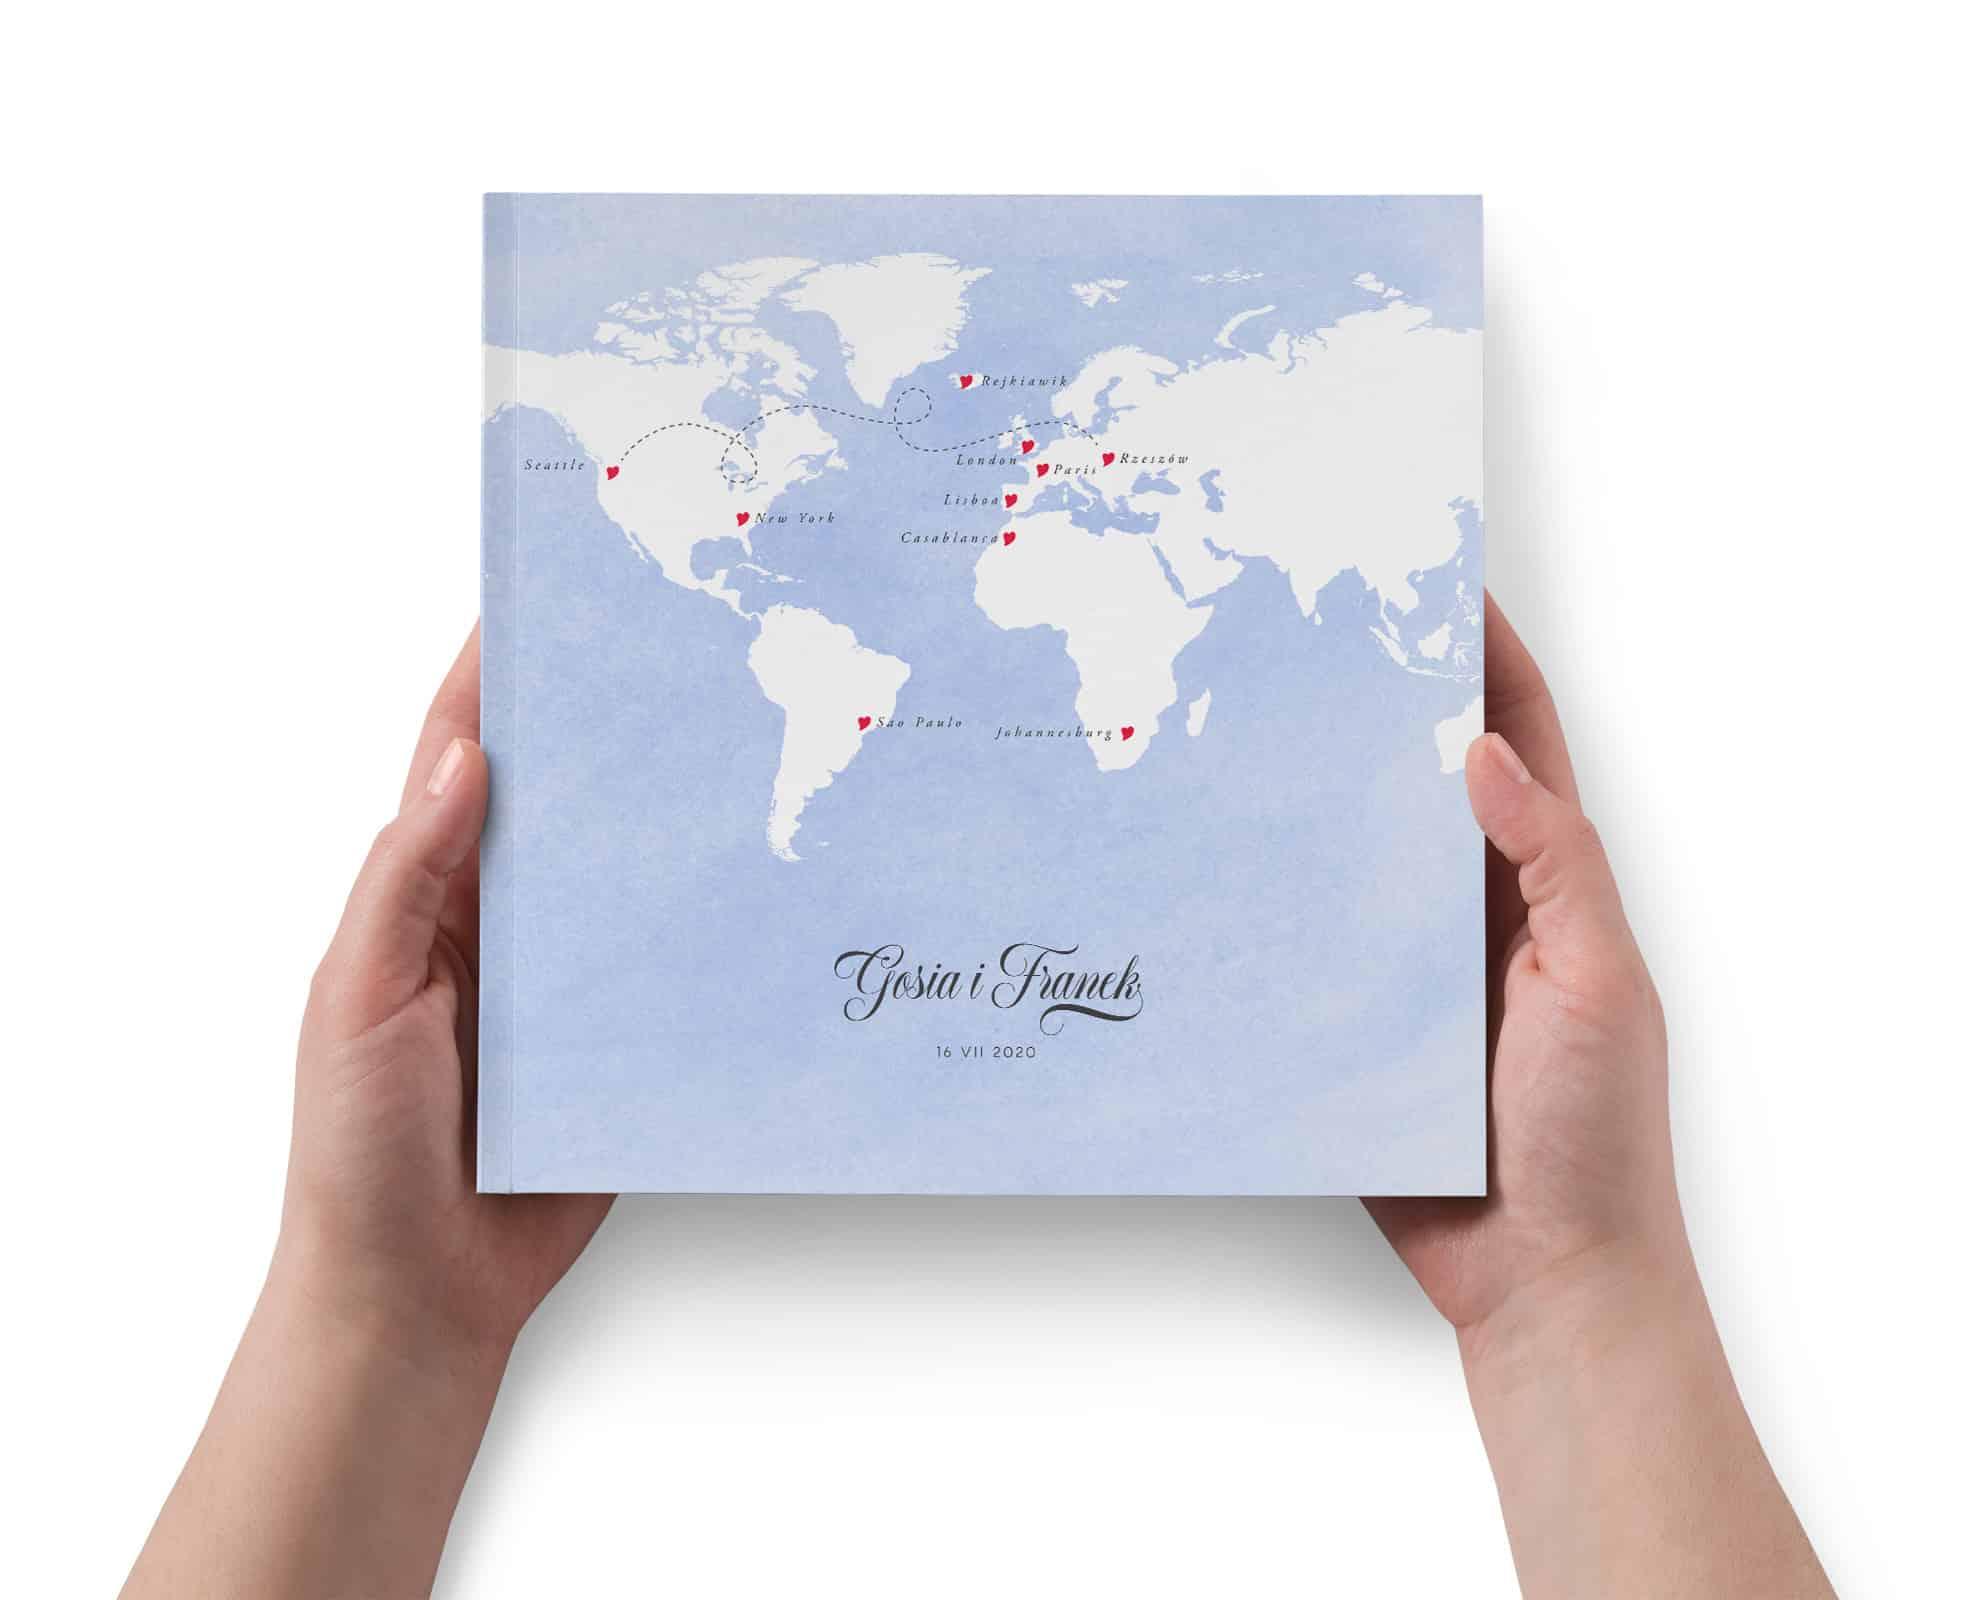 Elegancka księga w tradycyjnej formie w niebieskiej kolorystyce z mapą świata i serduszkami